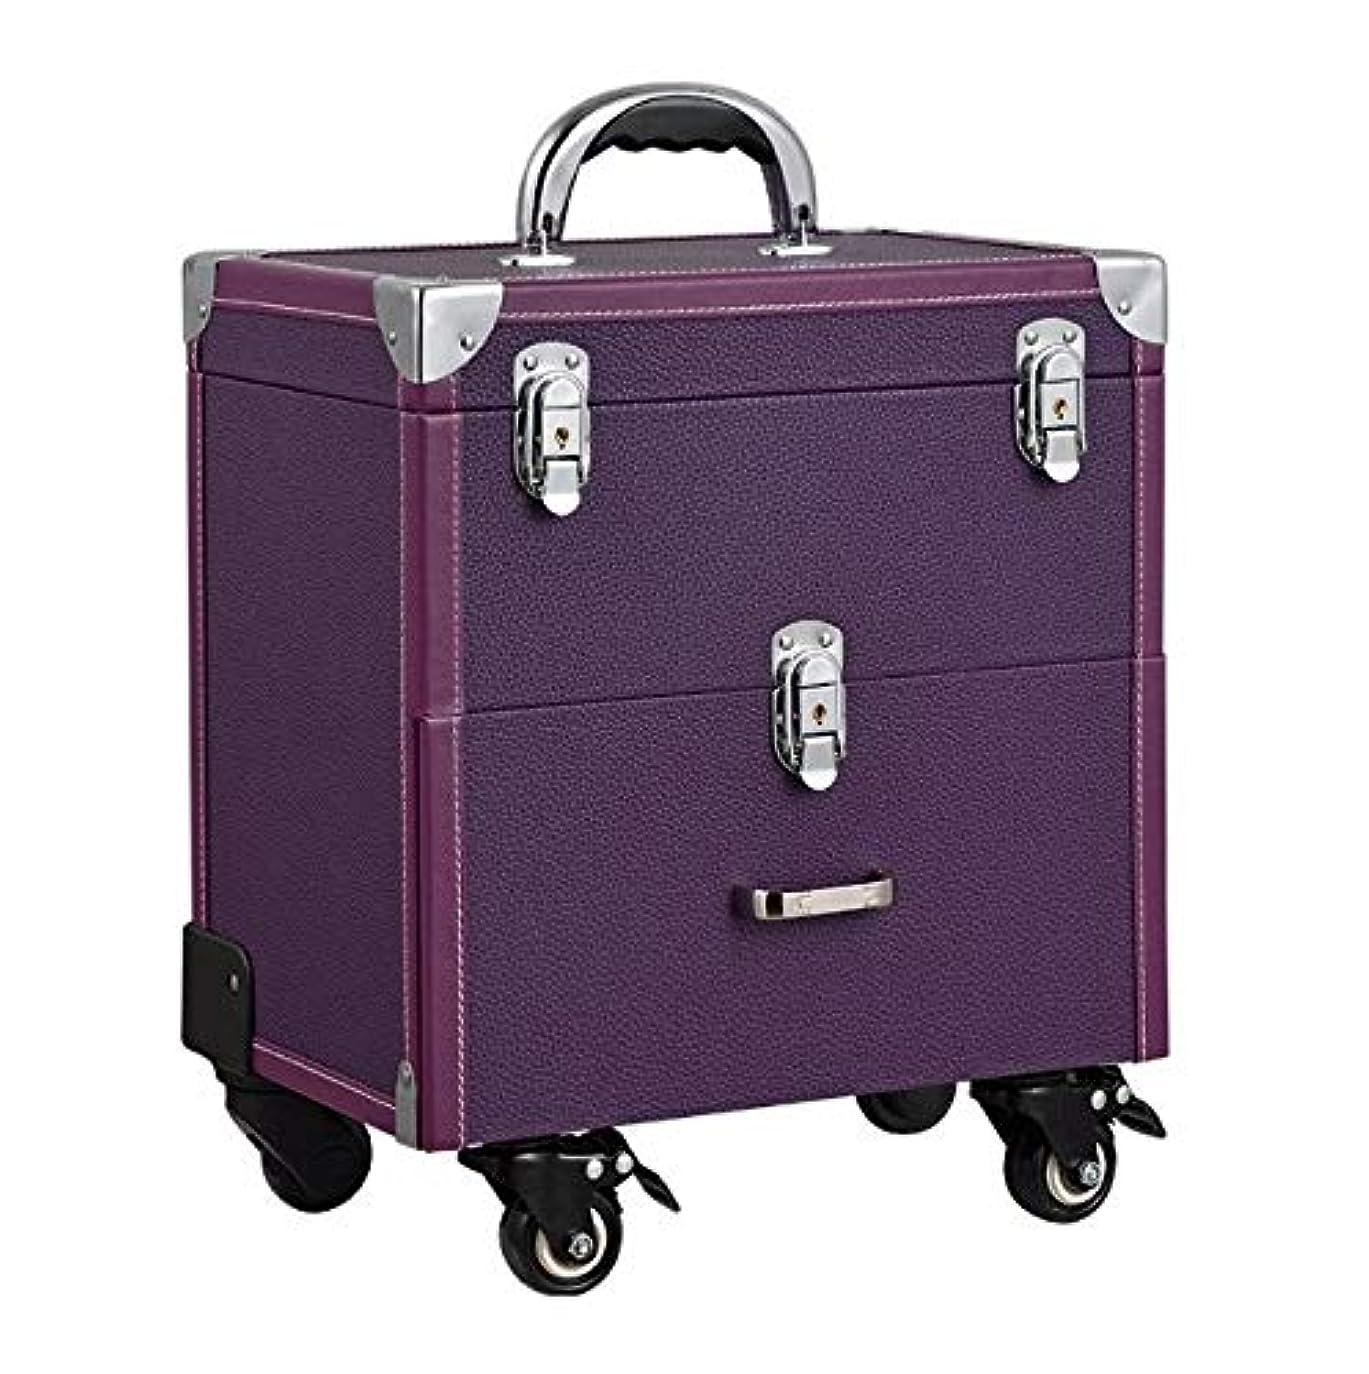 することになっているひねりバック化粧箱、大容量ダブルポール化粧品ケース、ポータブル旅行化粧品袋収納袋、美容化粧ネイルジュエリー収納ボックス (Color : Purple)